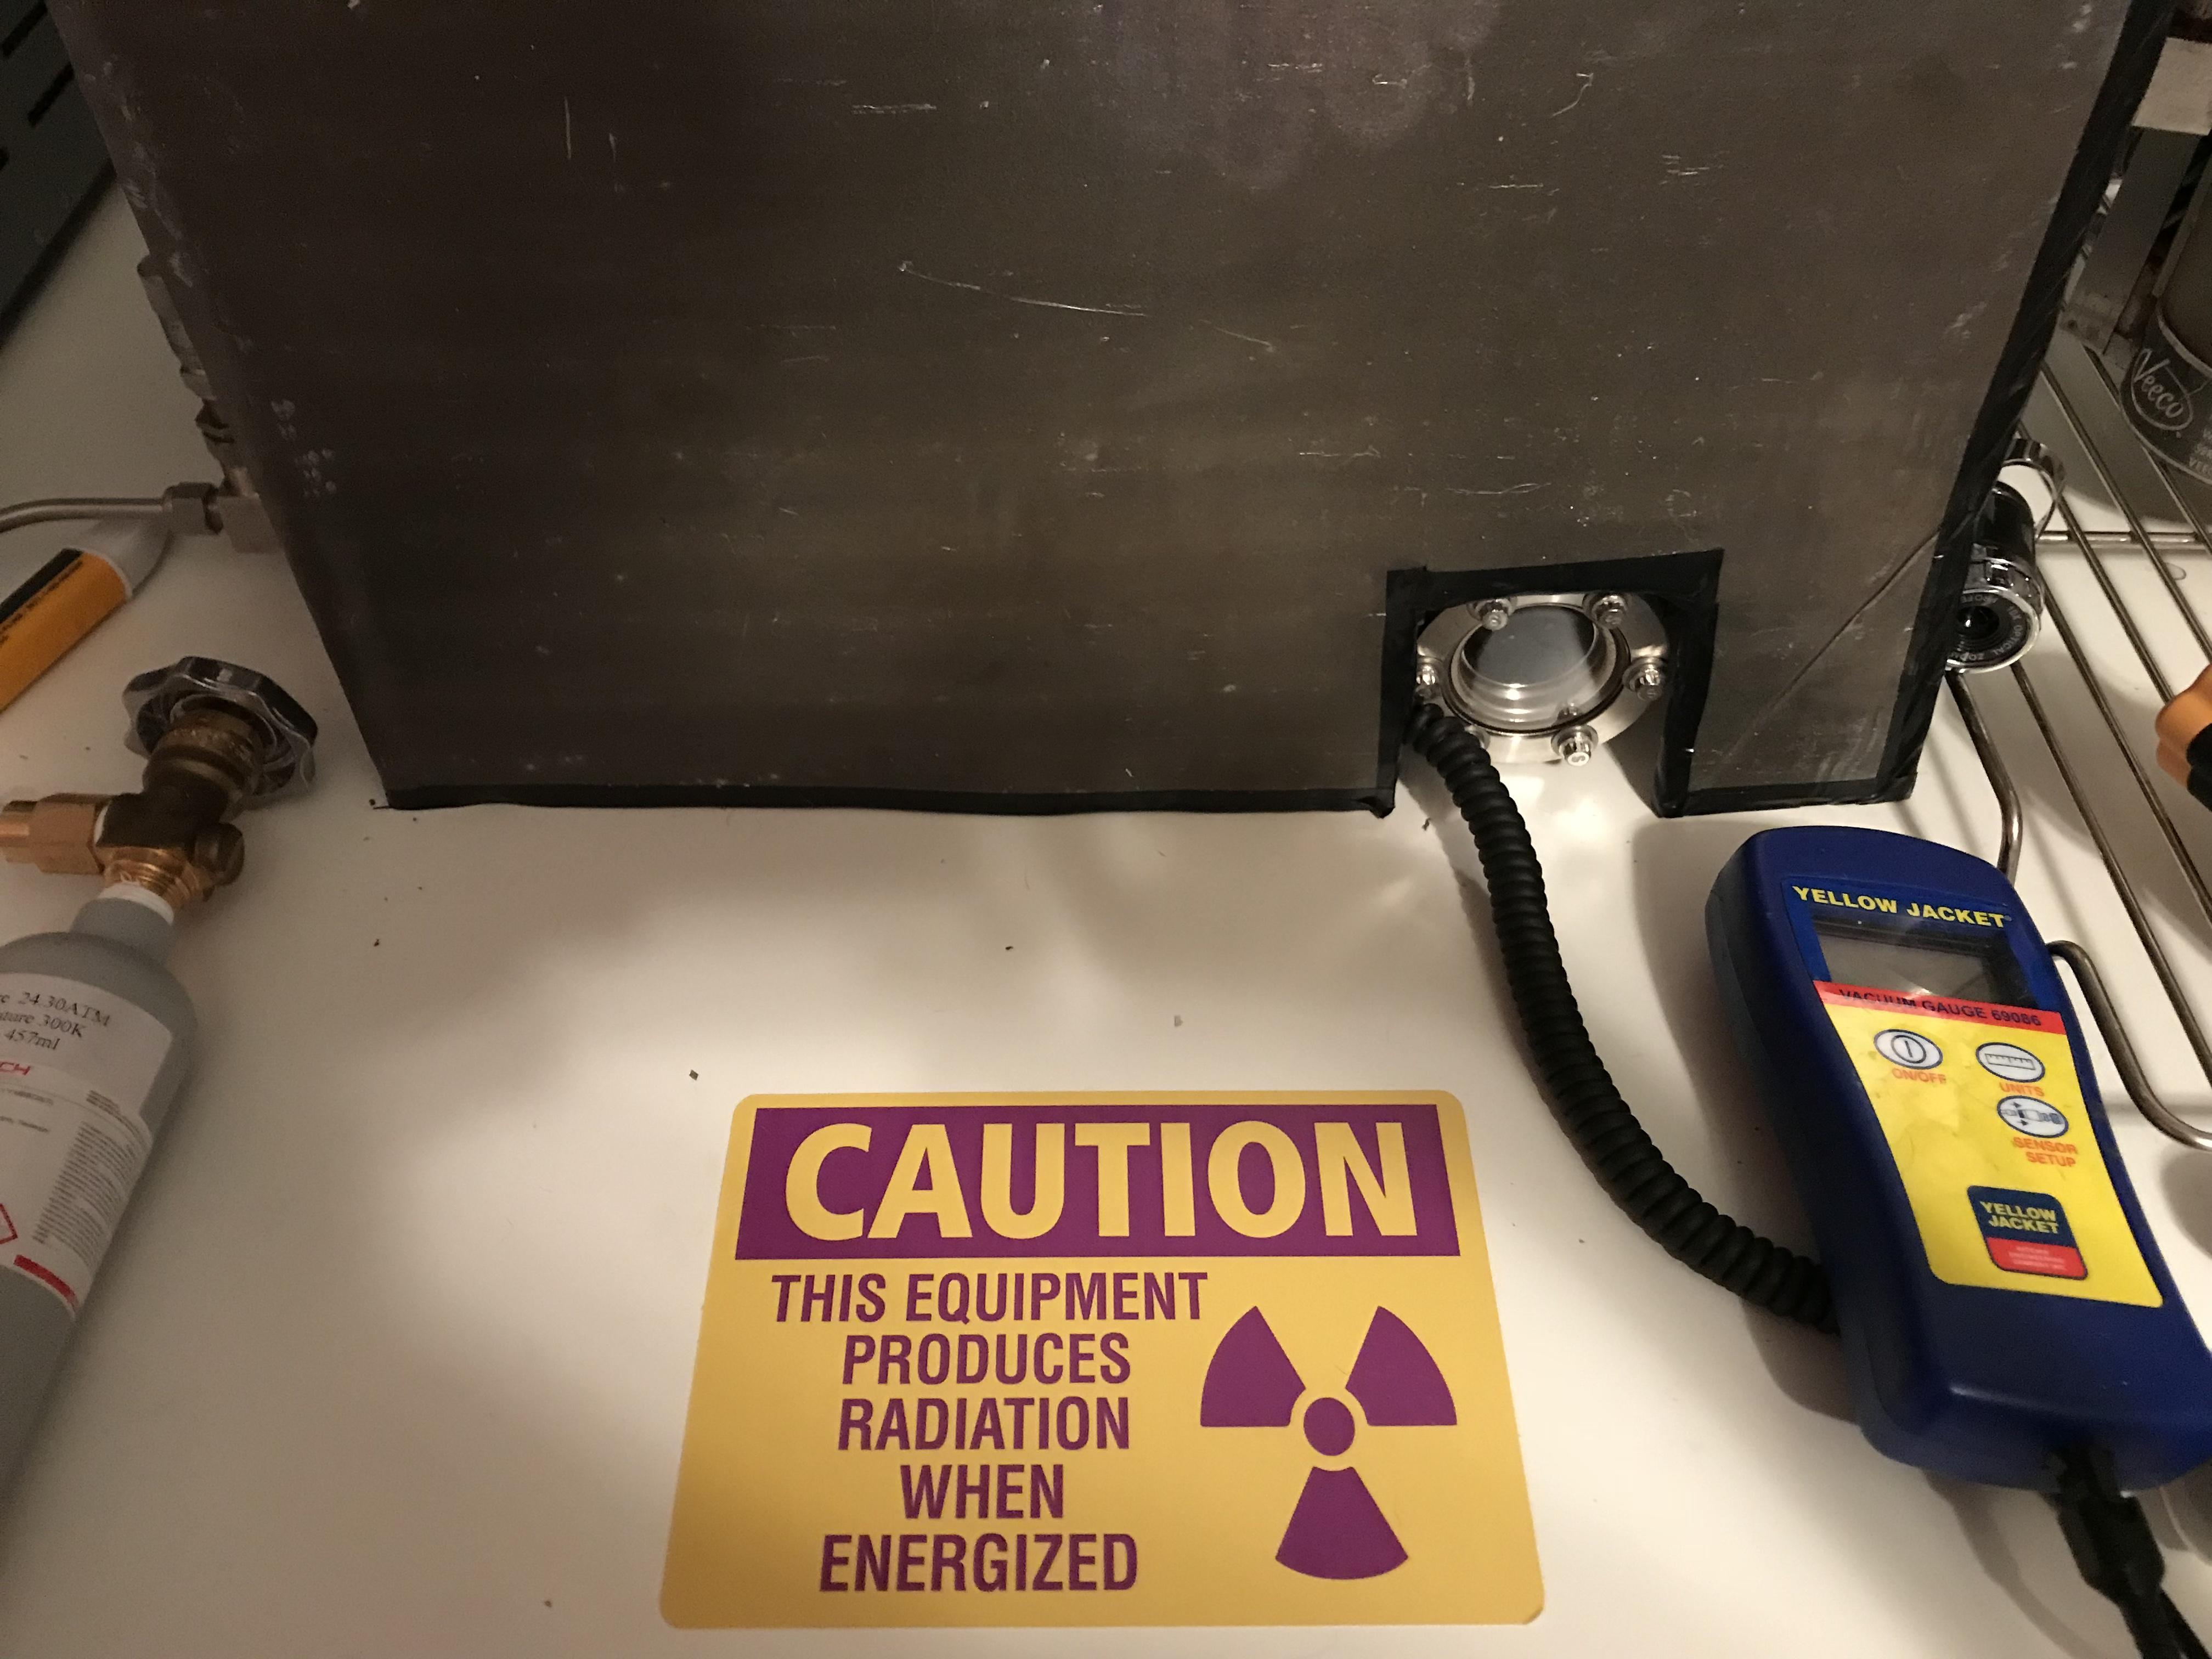 12-летний подросток провёл реакцию ядерного синтеза в домашней лаборатории